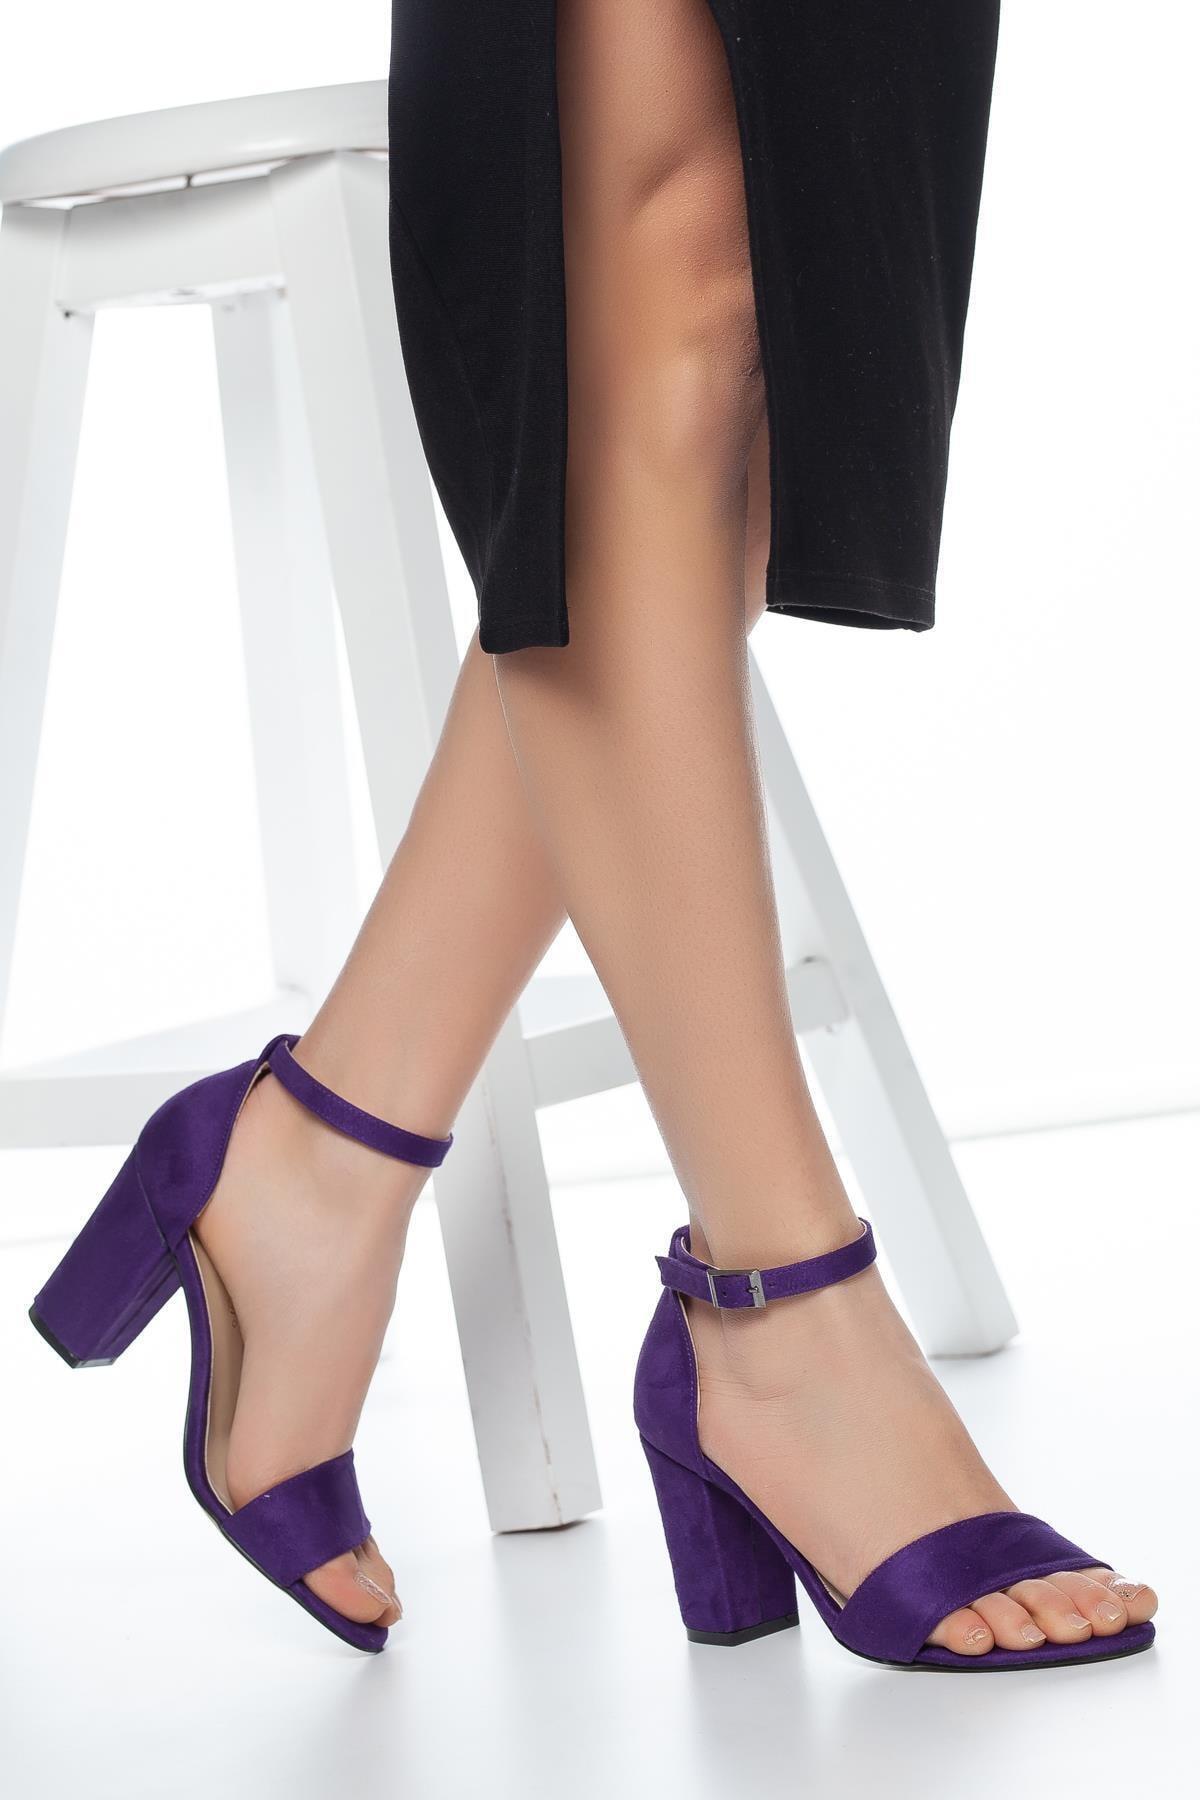 MUGGO W710 Kadın Topuklu Ayakkabı 1